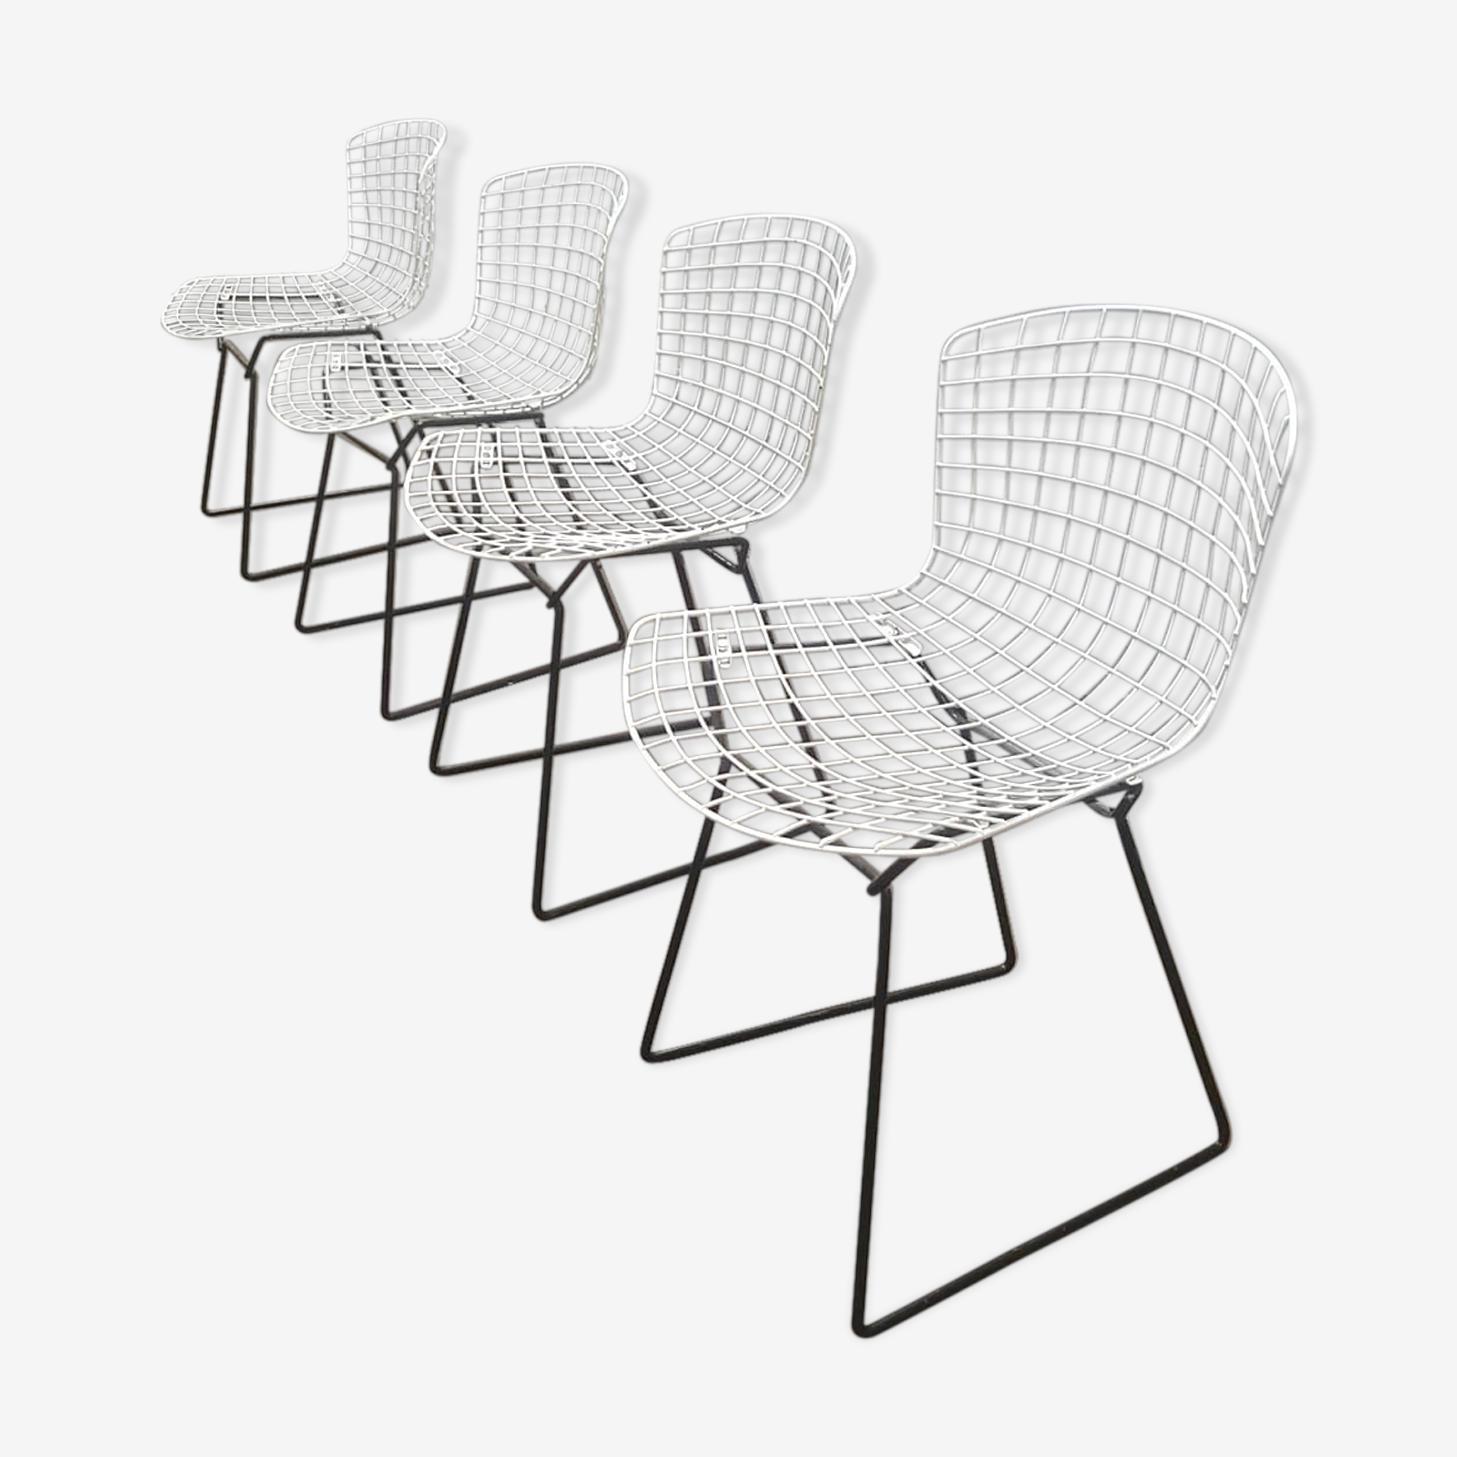 Lot of 4 Bertoia chairs